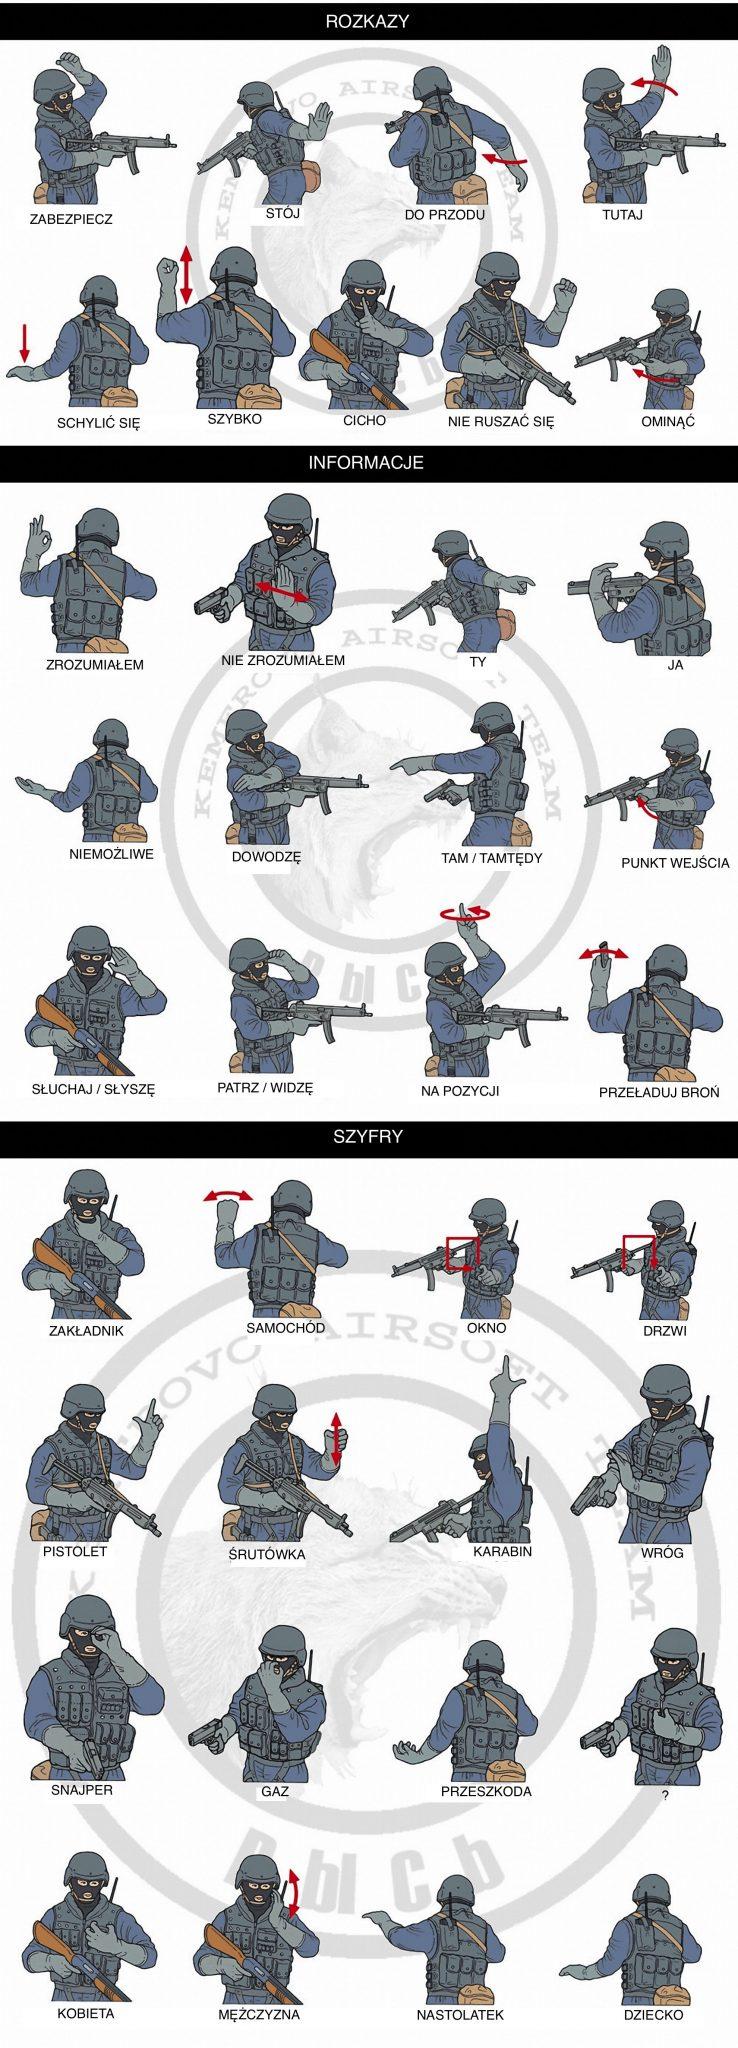 Infografika - Jak porozumiewają się jednostki specjalne